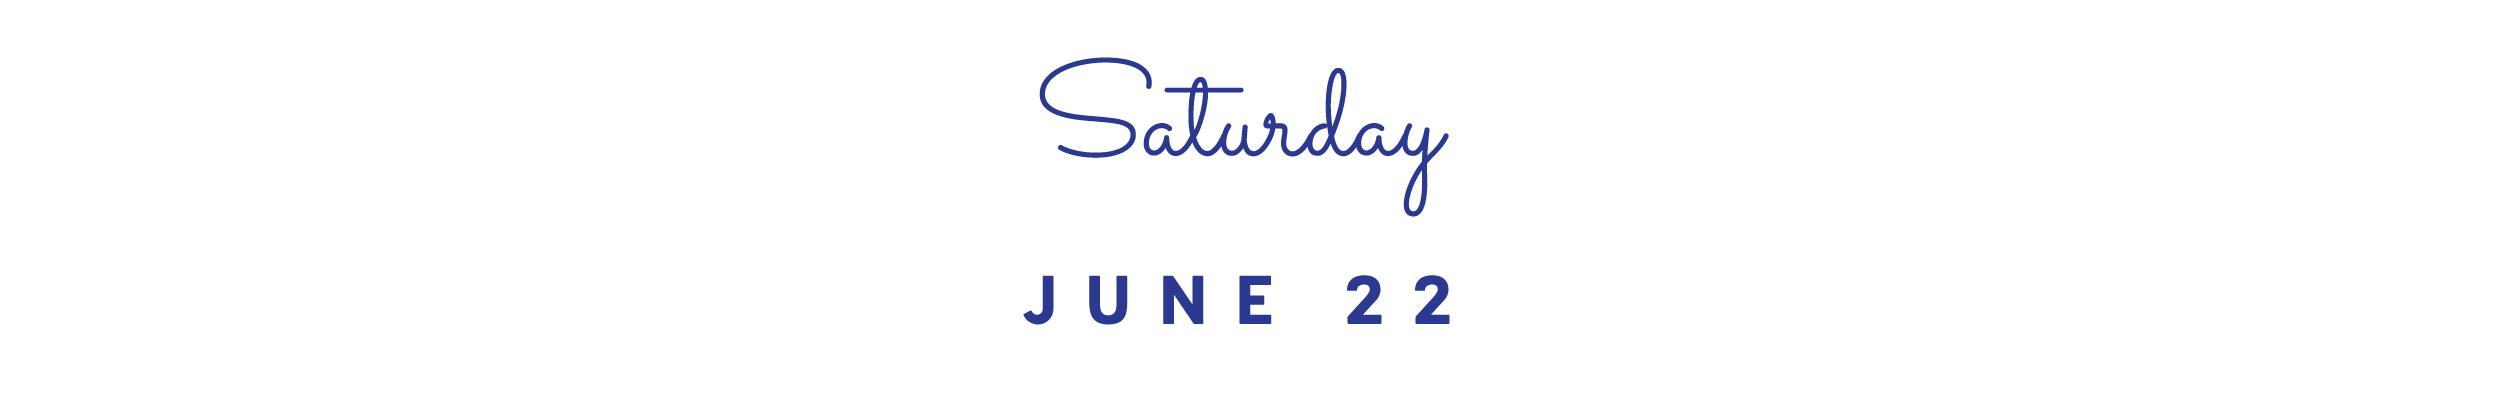 L&C_Web_Title_June-22.jpg